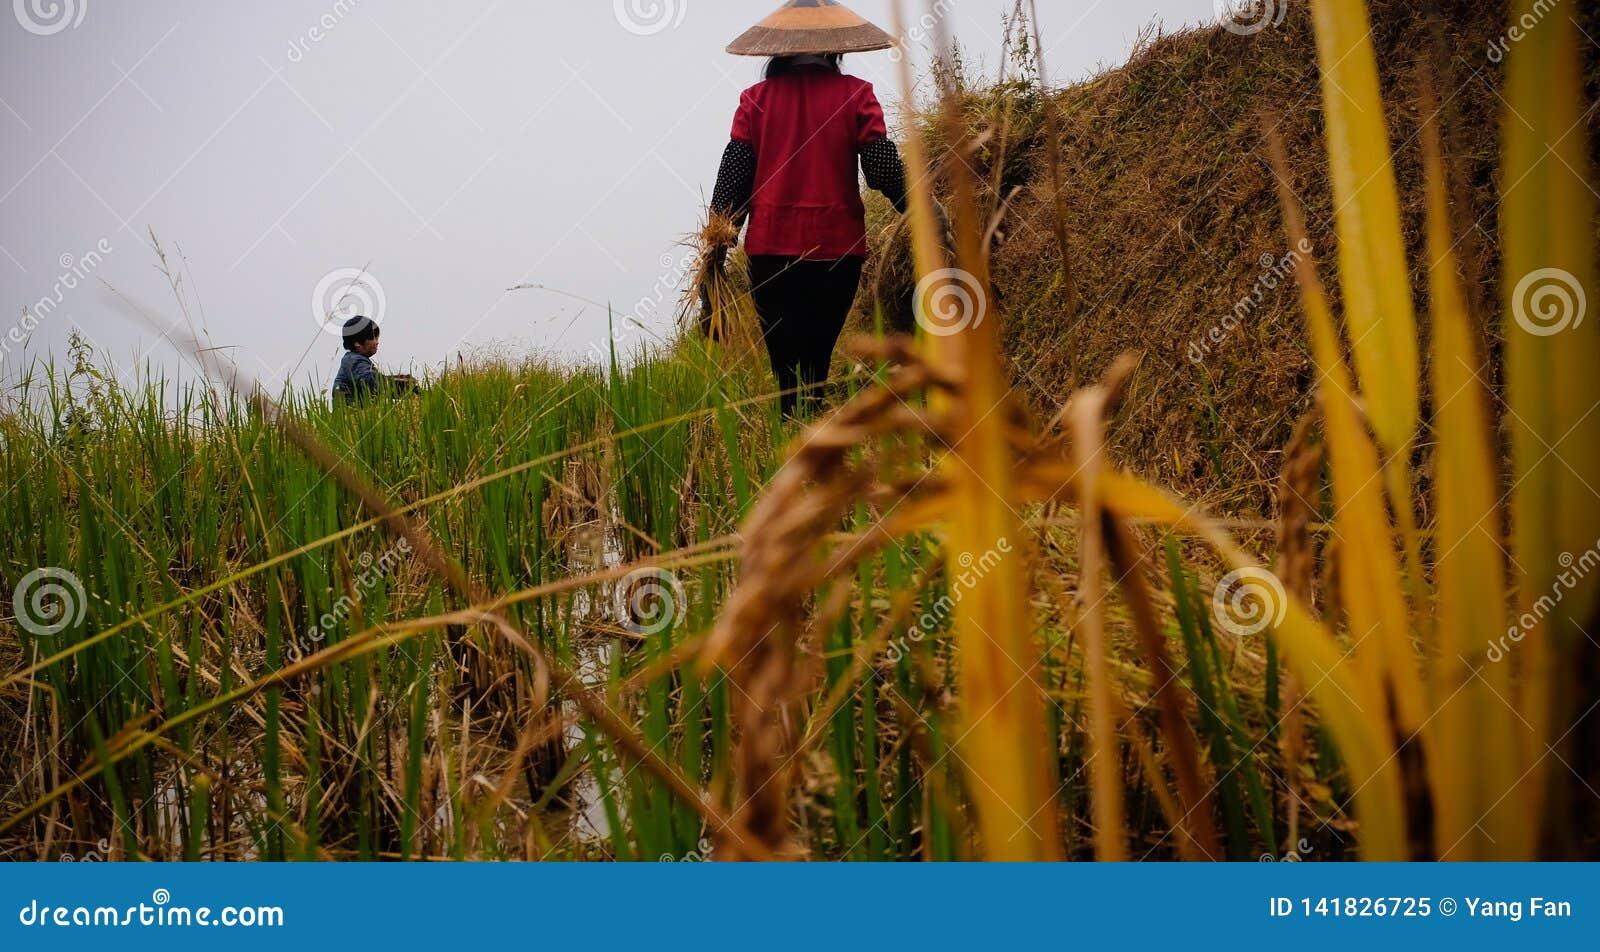 Asian women in rice fields